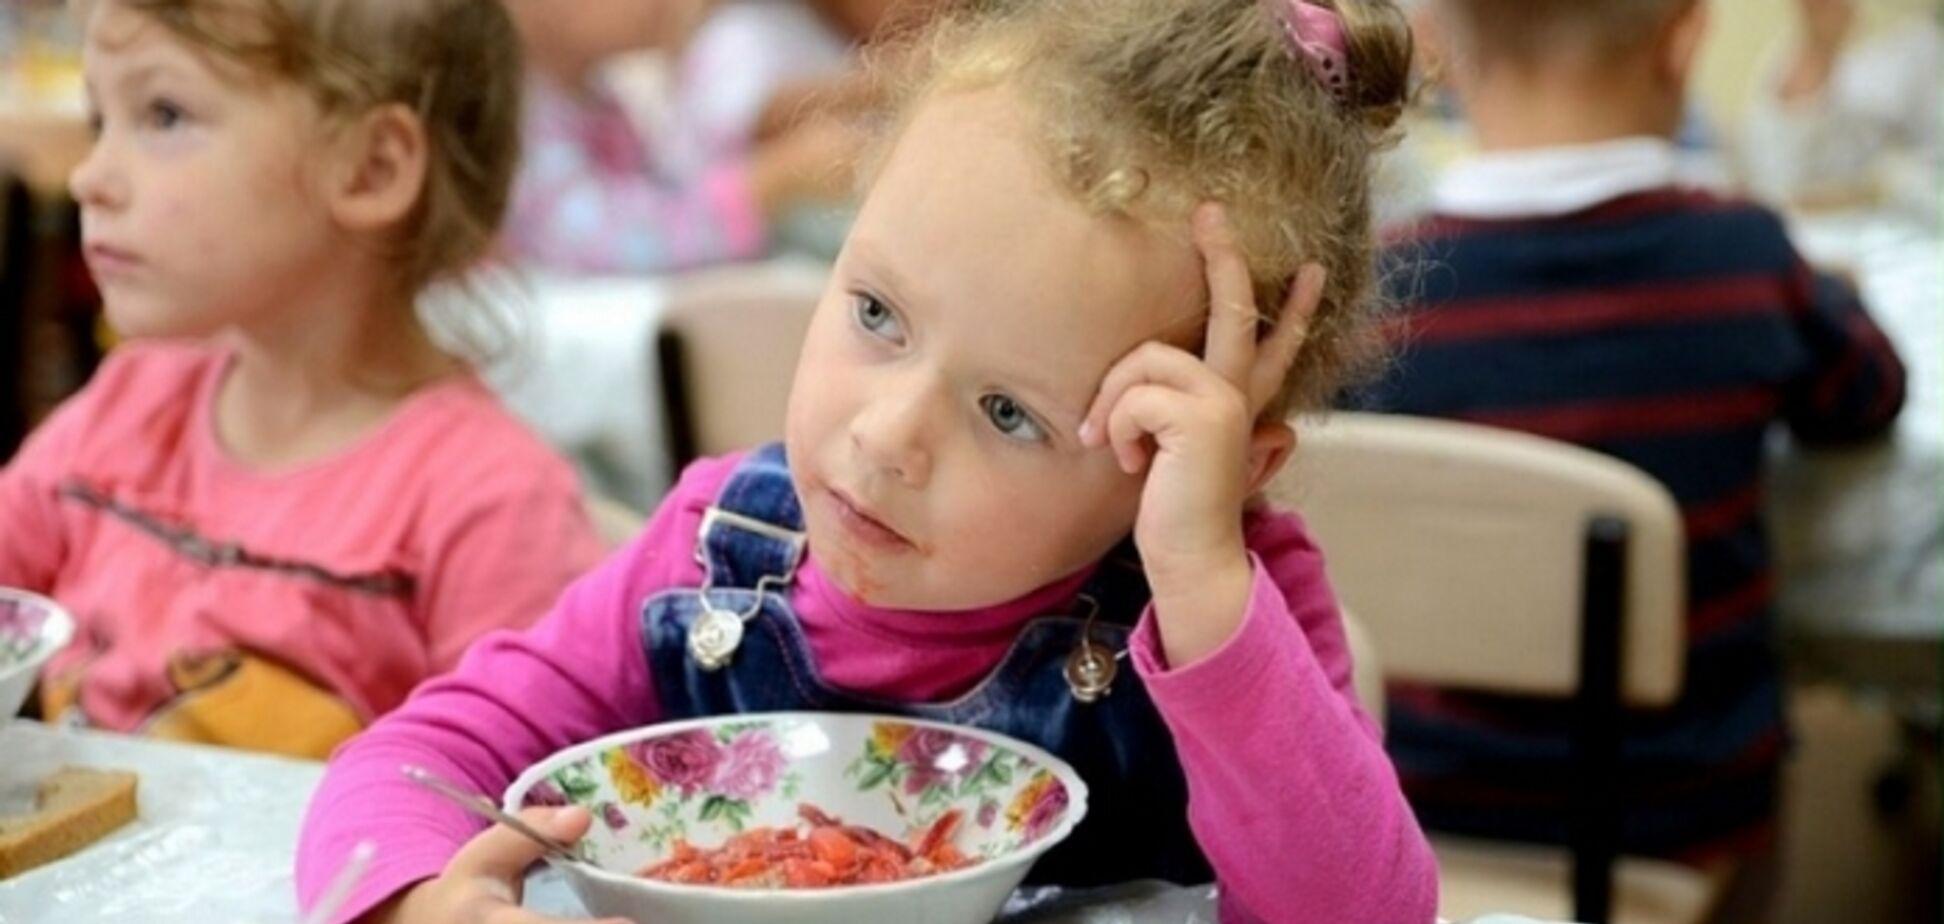 Економлять на дітях? На Прикарпатті різко подорожчало харчування в дитсадках